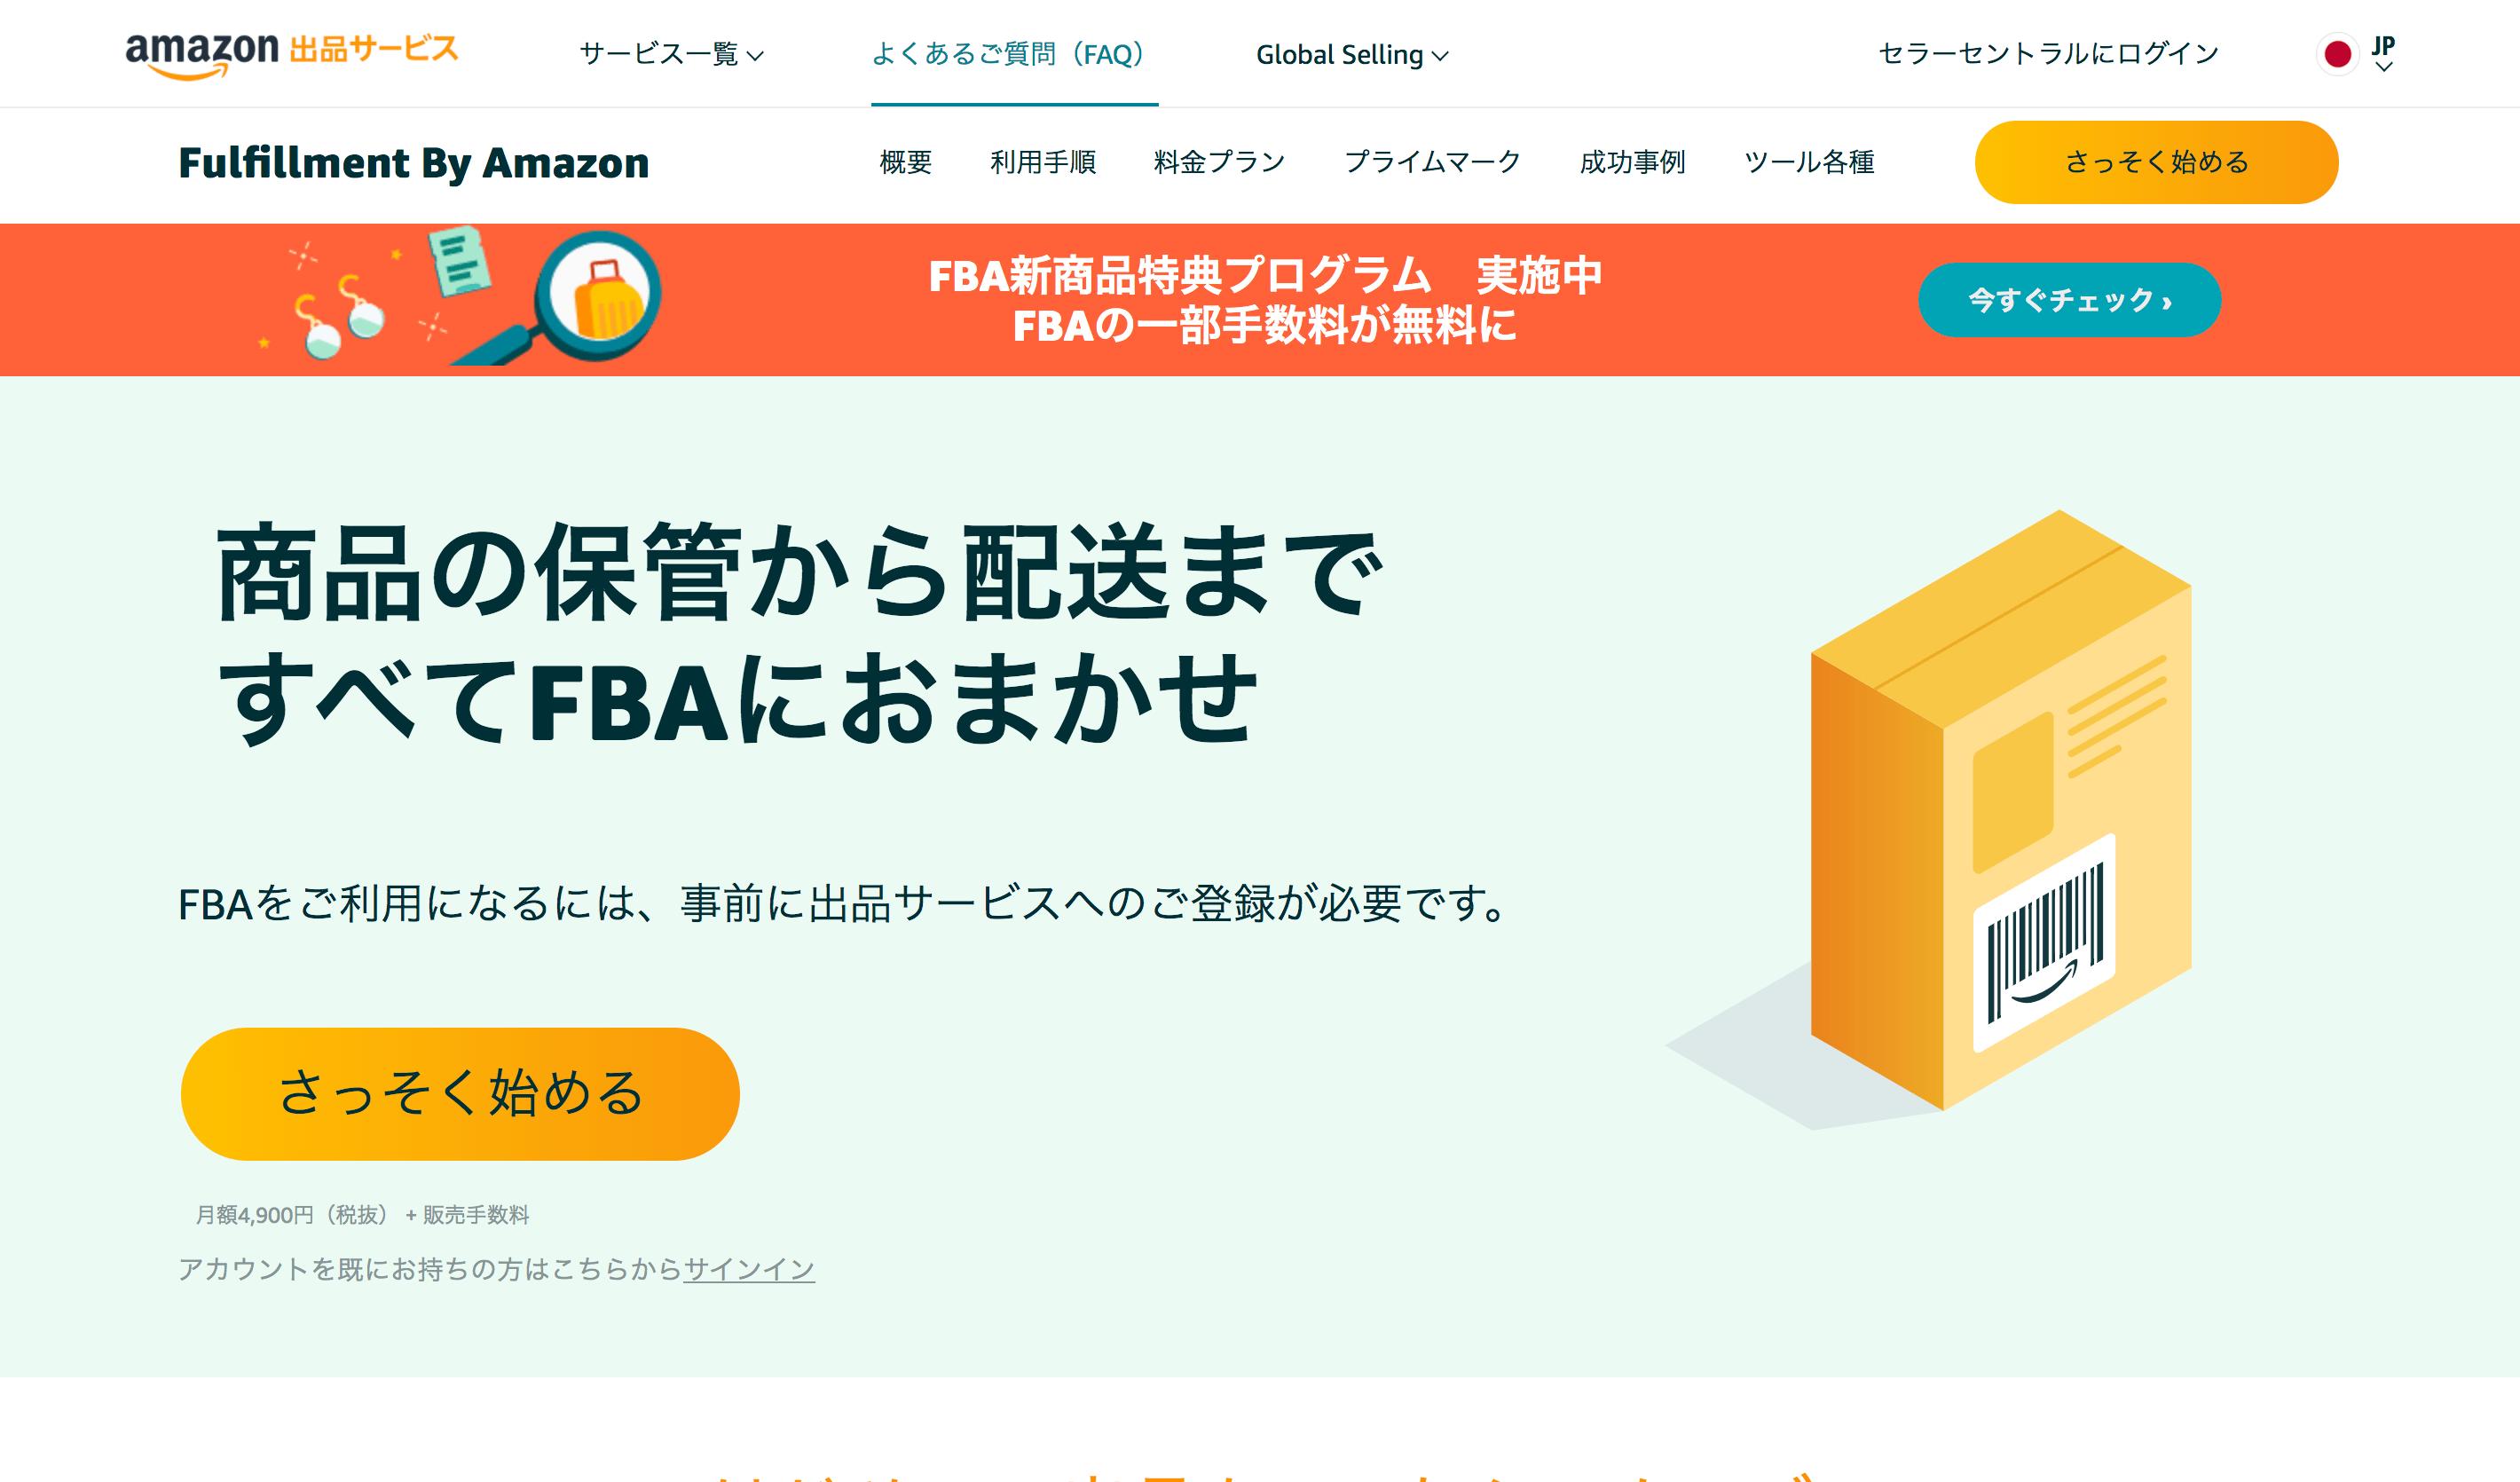 FBA スクリーンショット